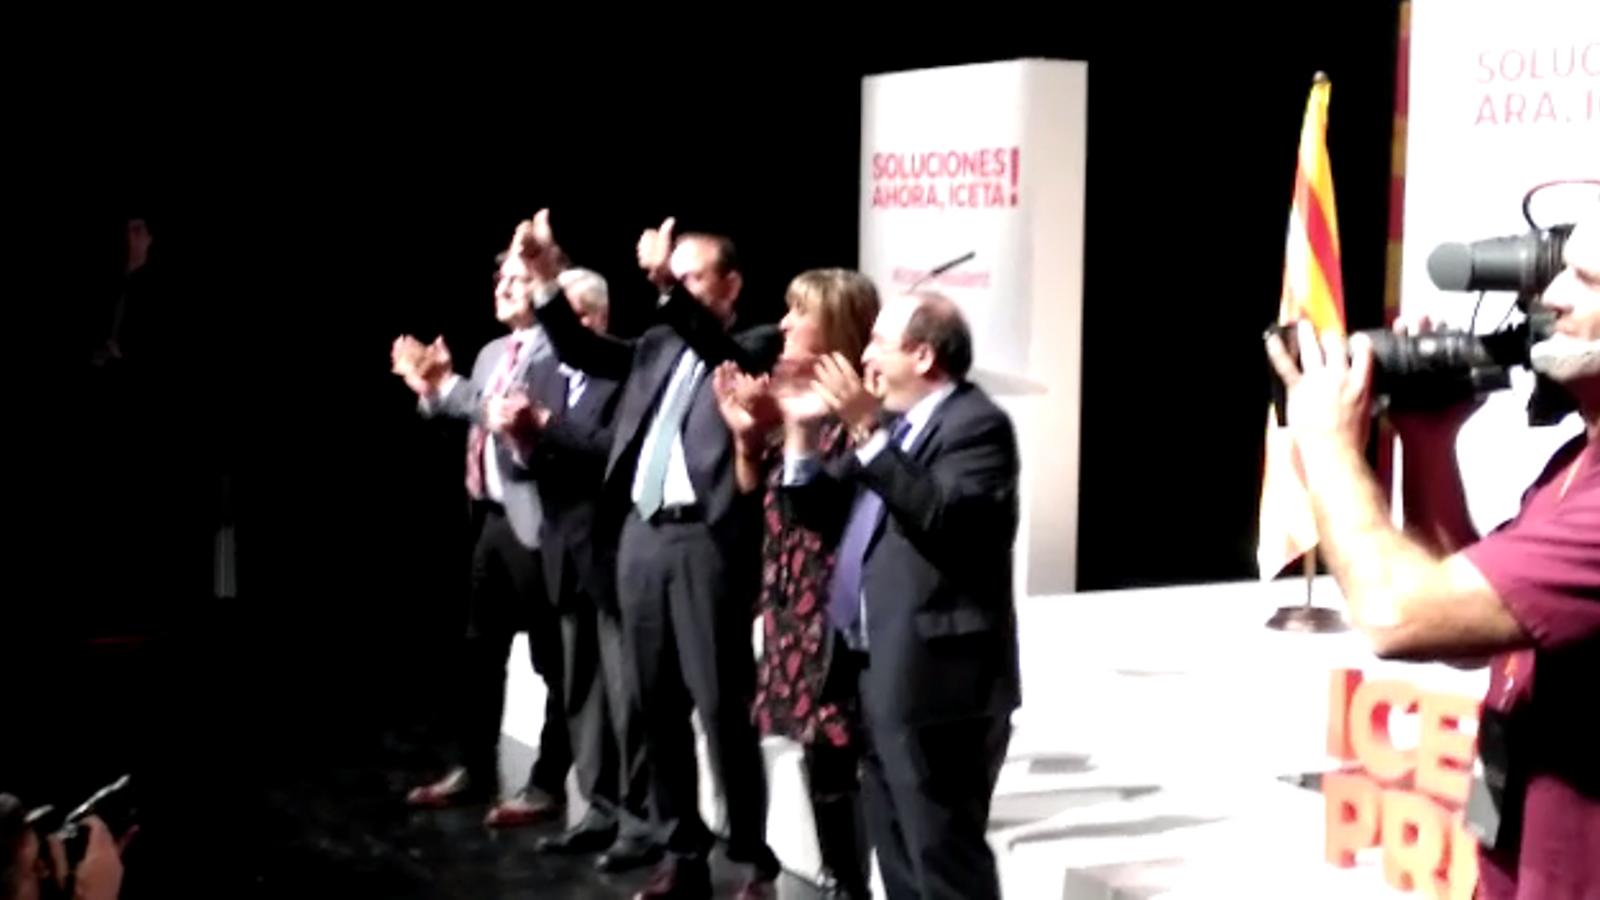 Arrenca l'acte d'inici de campanya del PSC al Teatre Joventut de l'Hospitalet